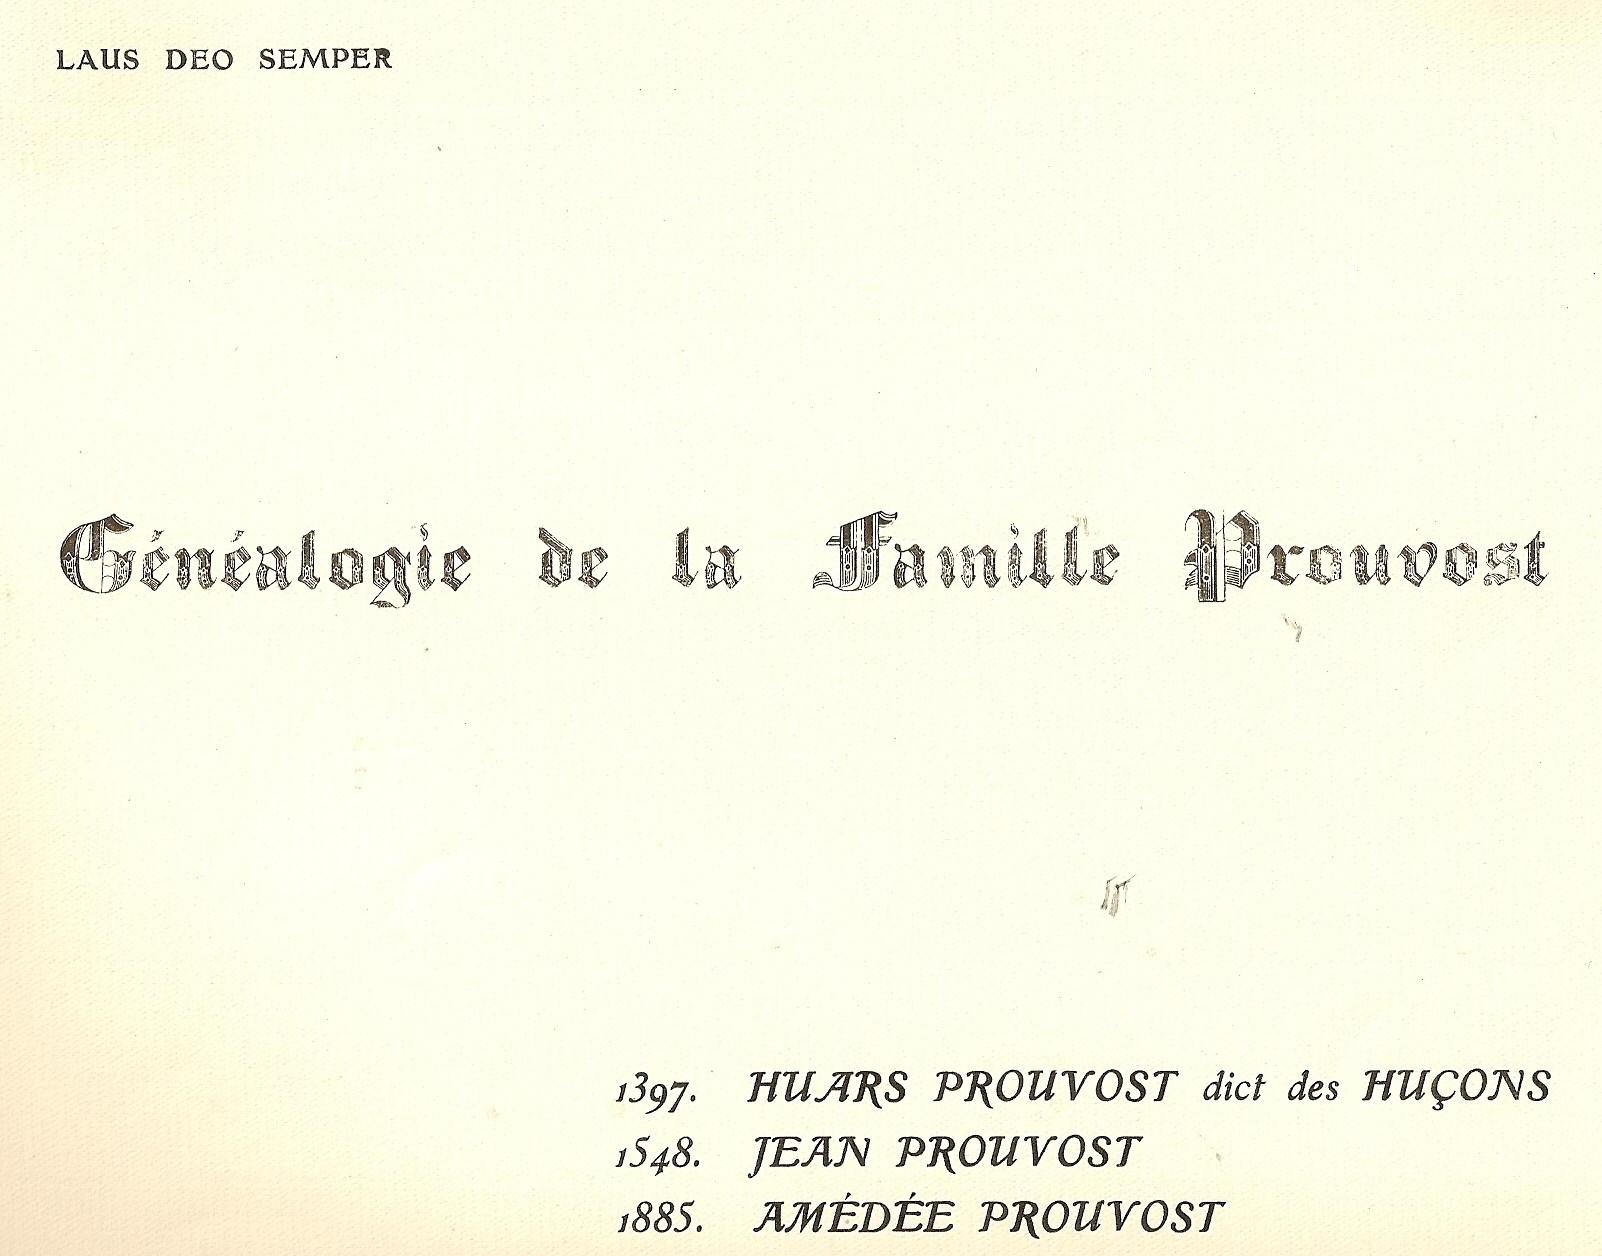 Couverture avec devise Prouvost Laus Deo Semper